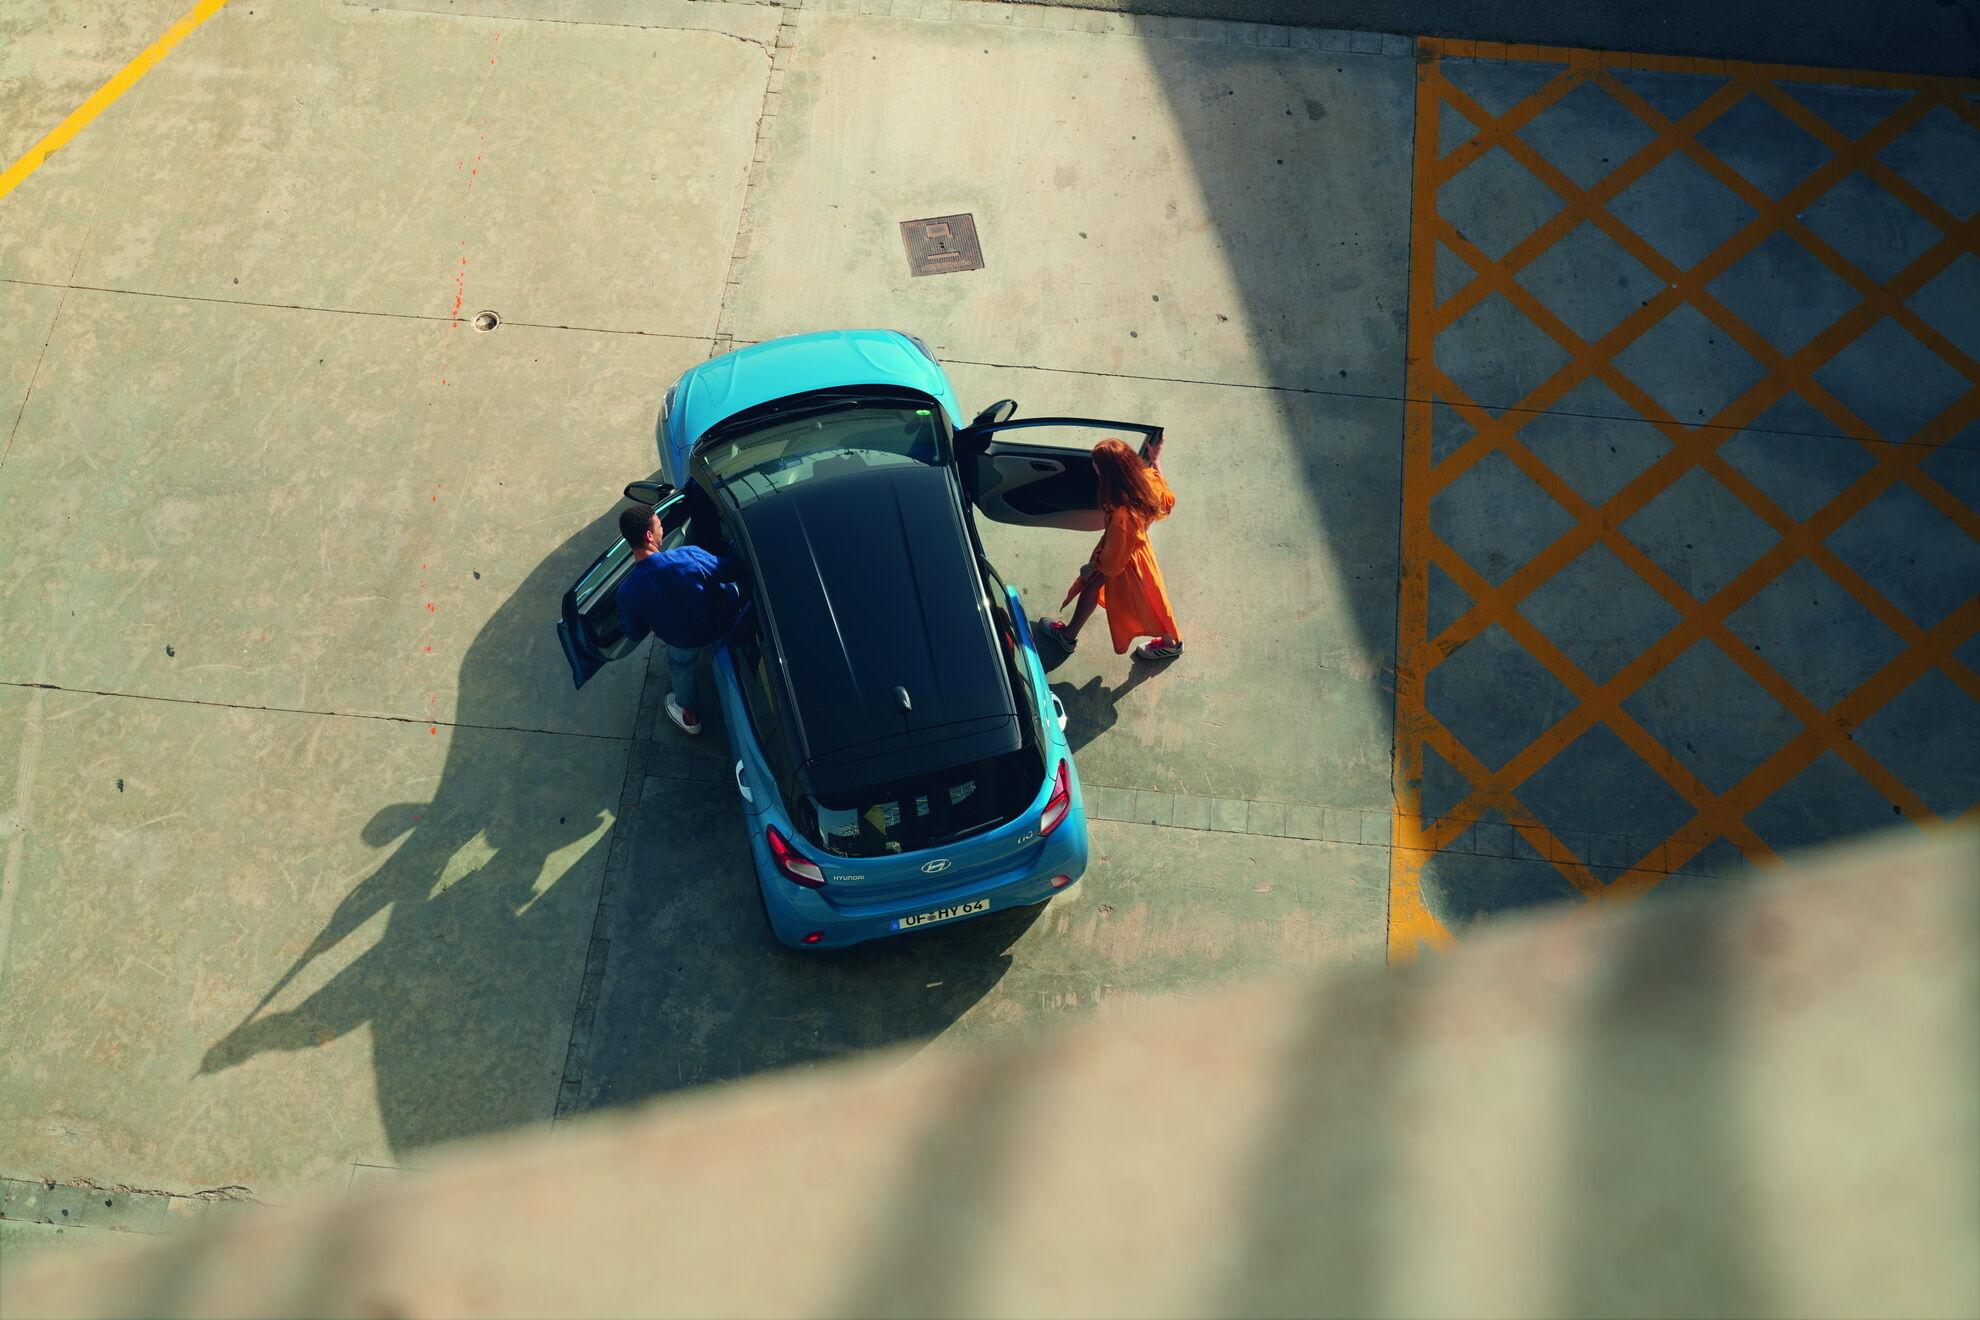 Новий Hyundai i10 буде доступний у трьох комплектаціях – Active, Comfort і Style